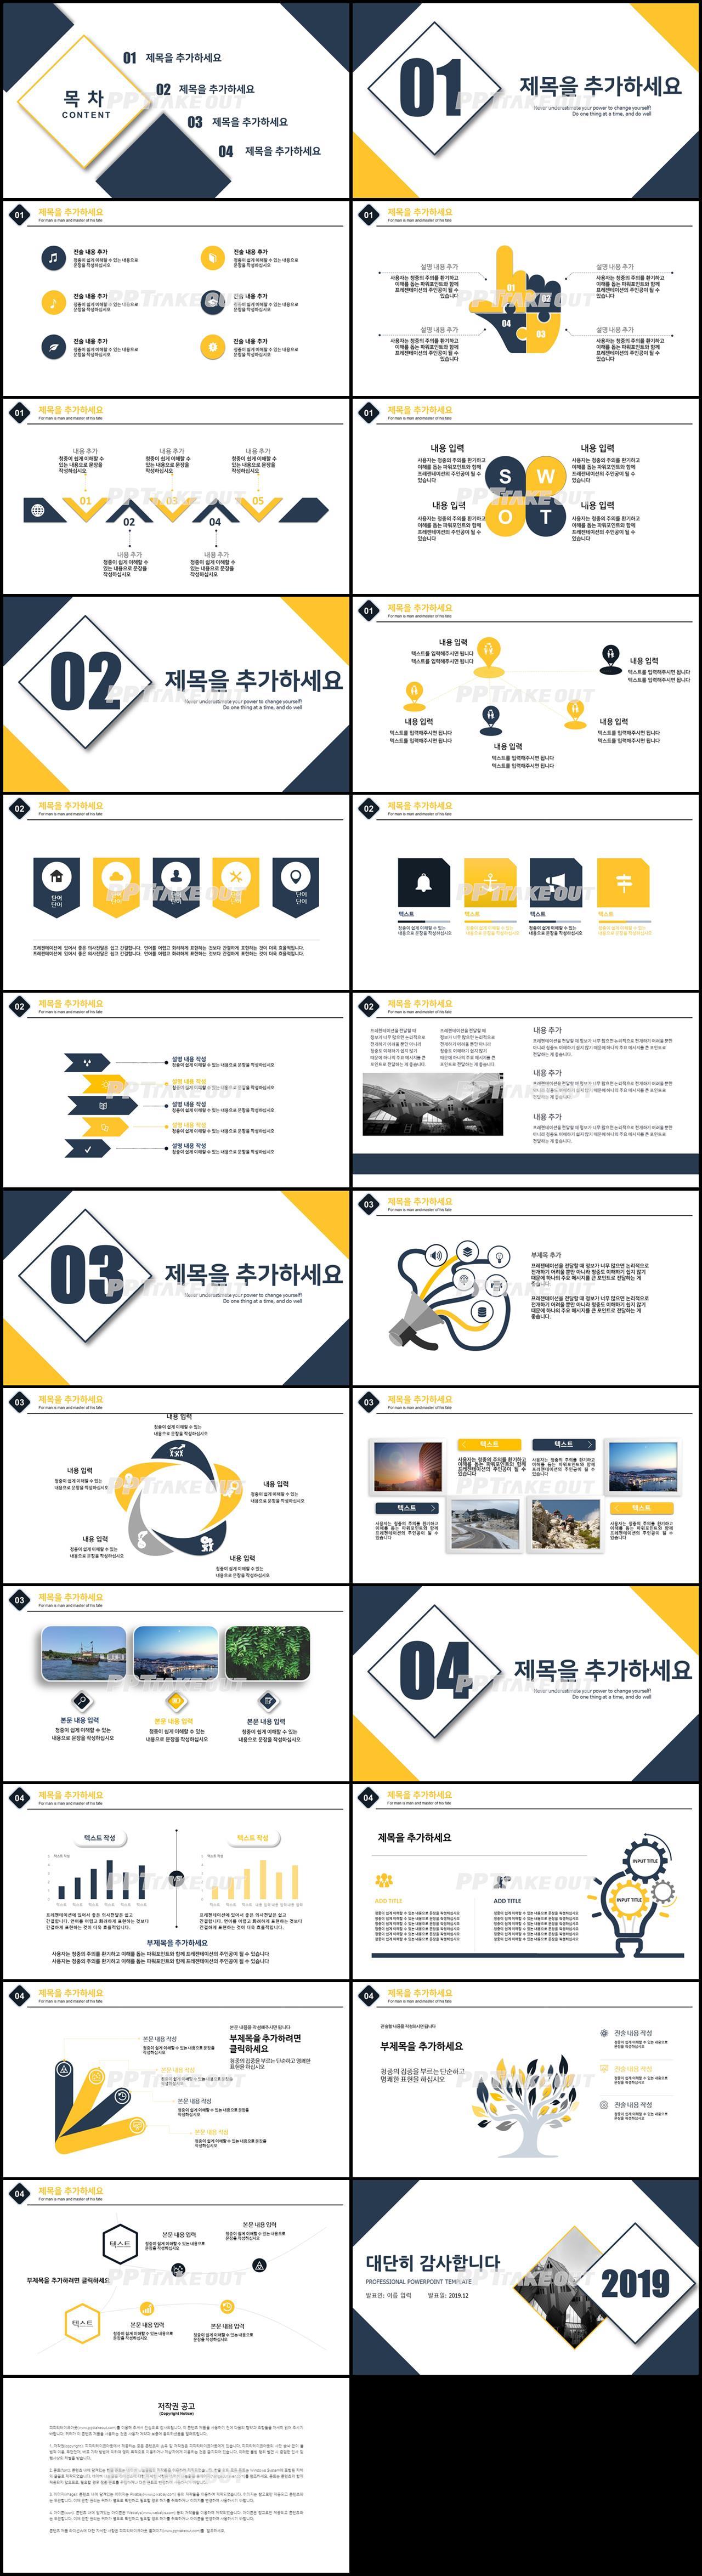 홍보마케팅 푸른색 화려한 매력적인 파워포인트배경 제작 상세보기